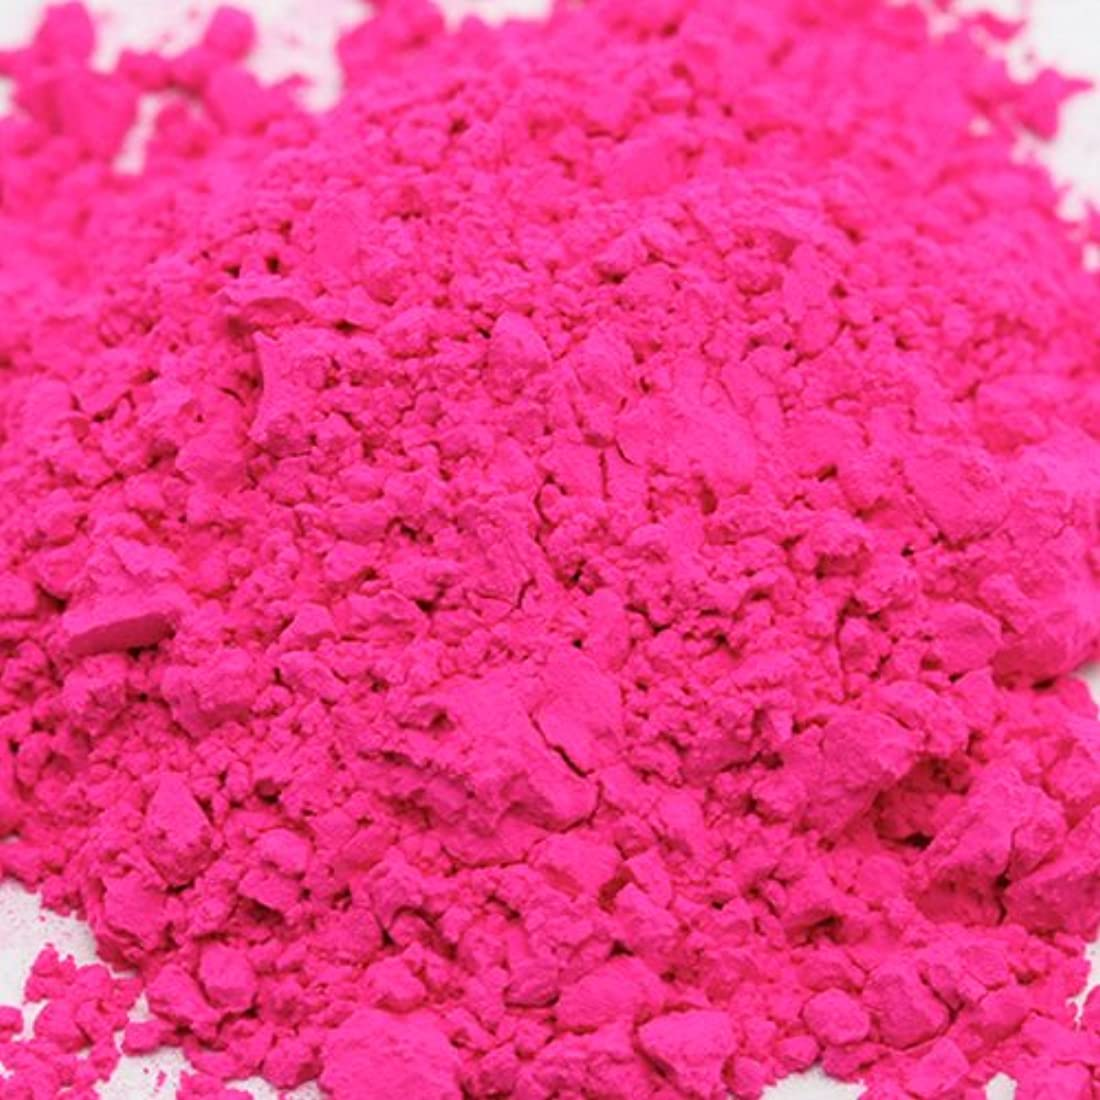 居眠りするぎこちない境界キャンディカラー ピンク 5g 【手作り石鹸/手作りコスメ/色付け/カラーラント】